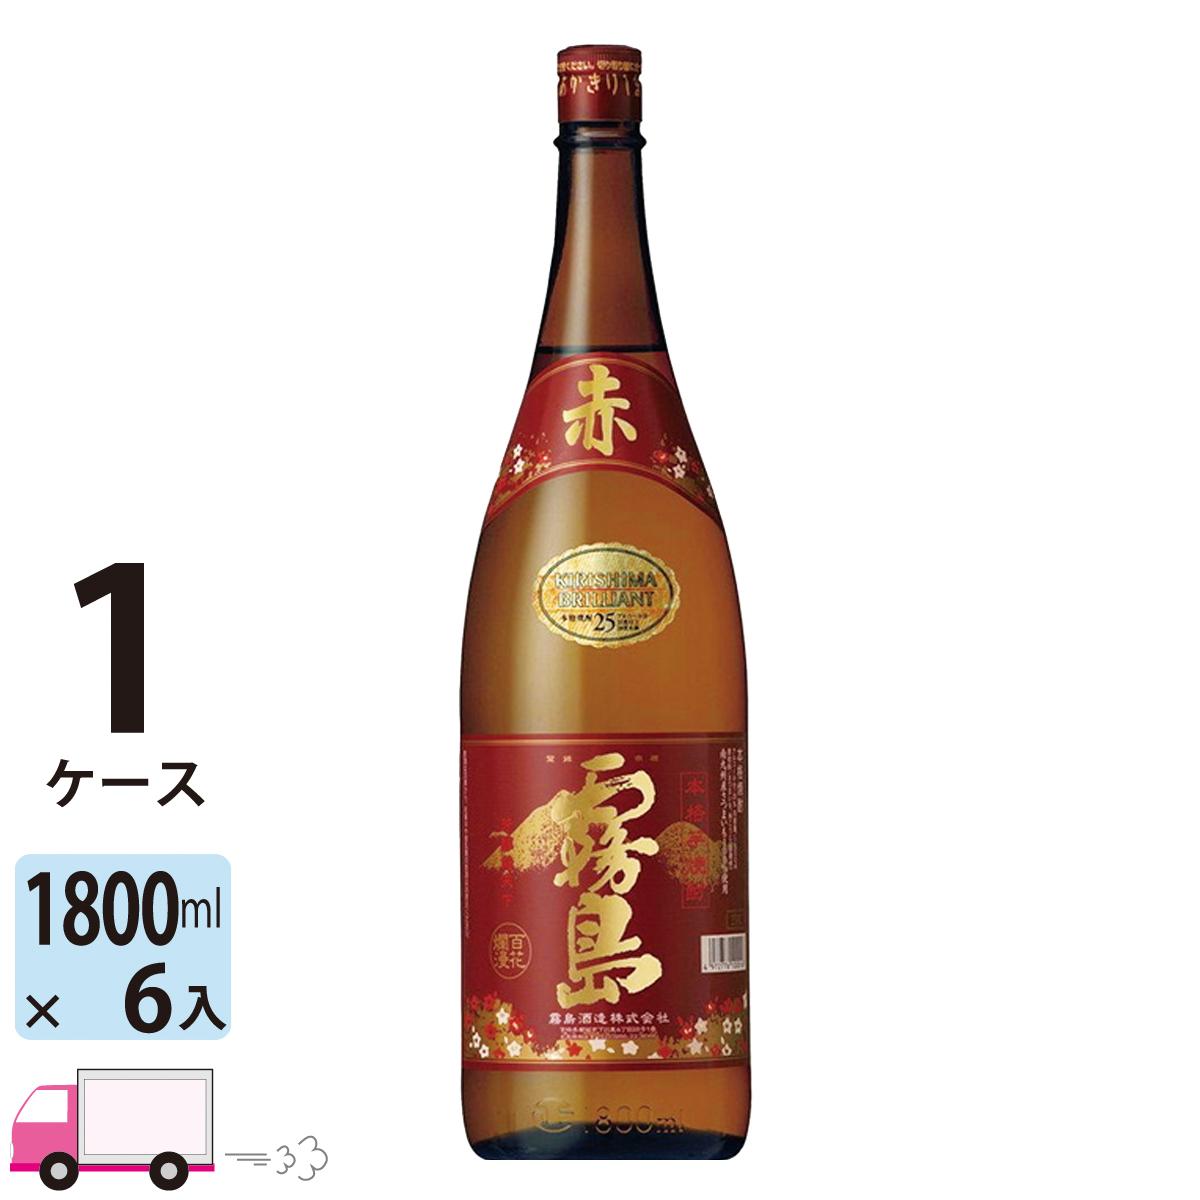 送料無料 赤霧島 芋焼酎25度 1800ml瓶 6本入 1ケース(6本)